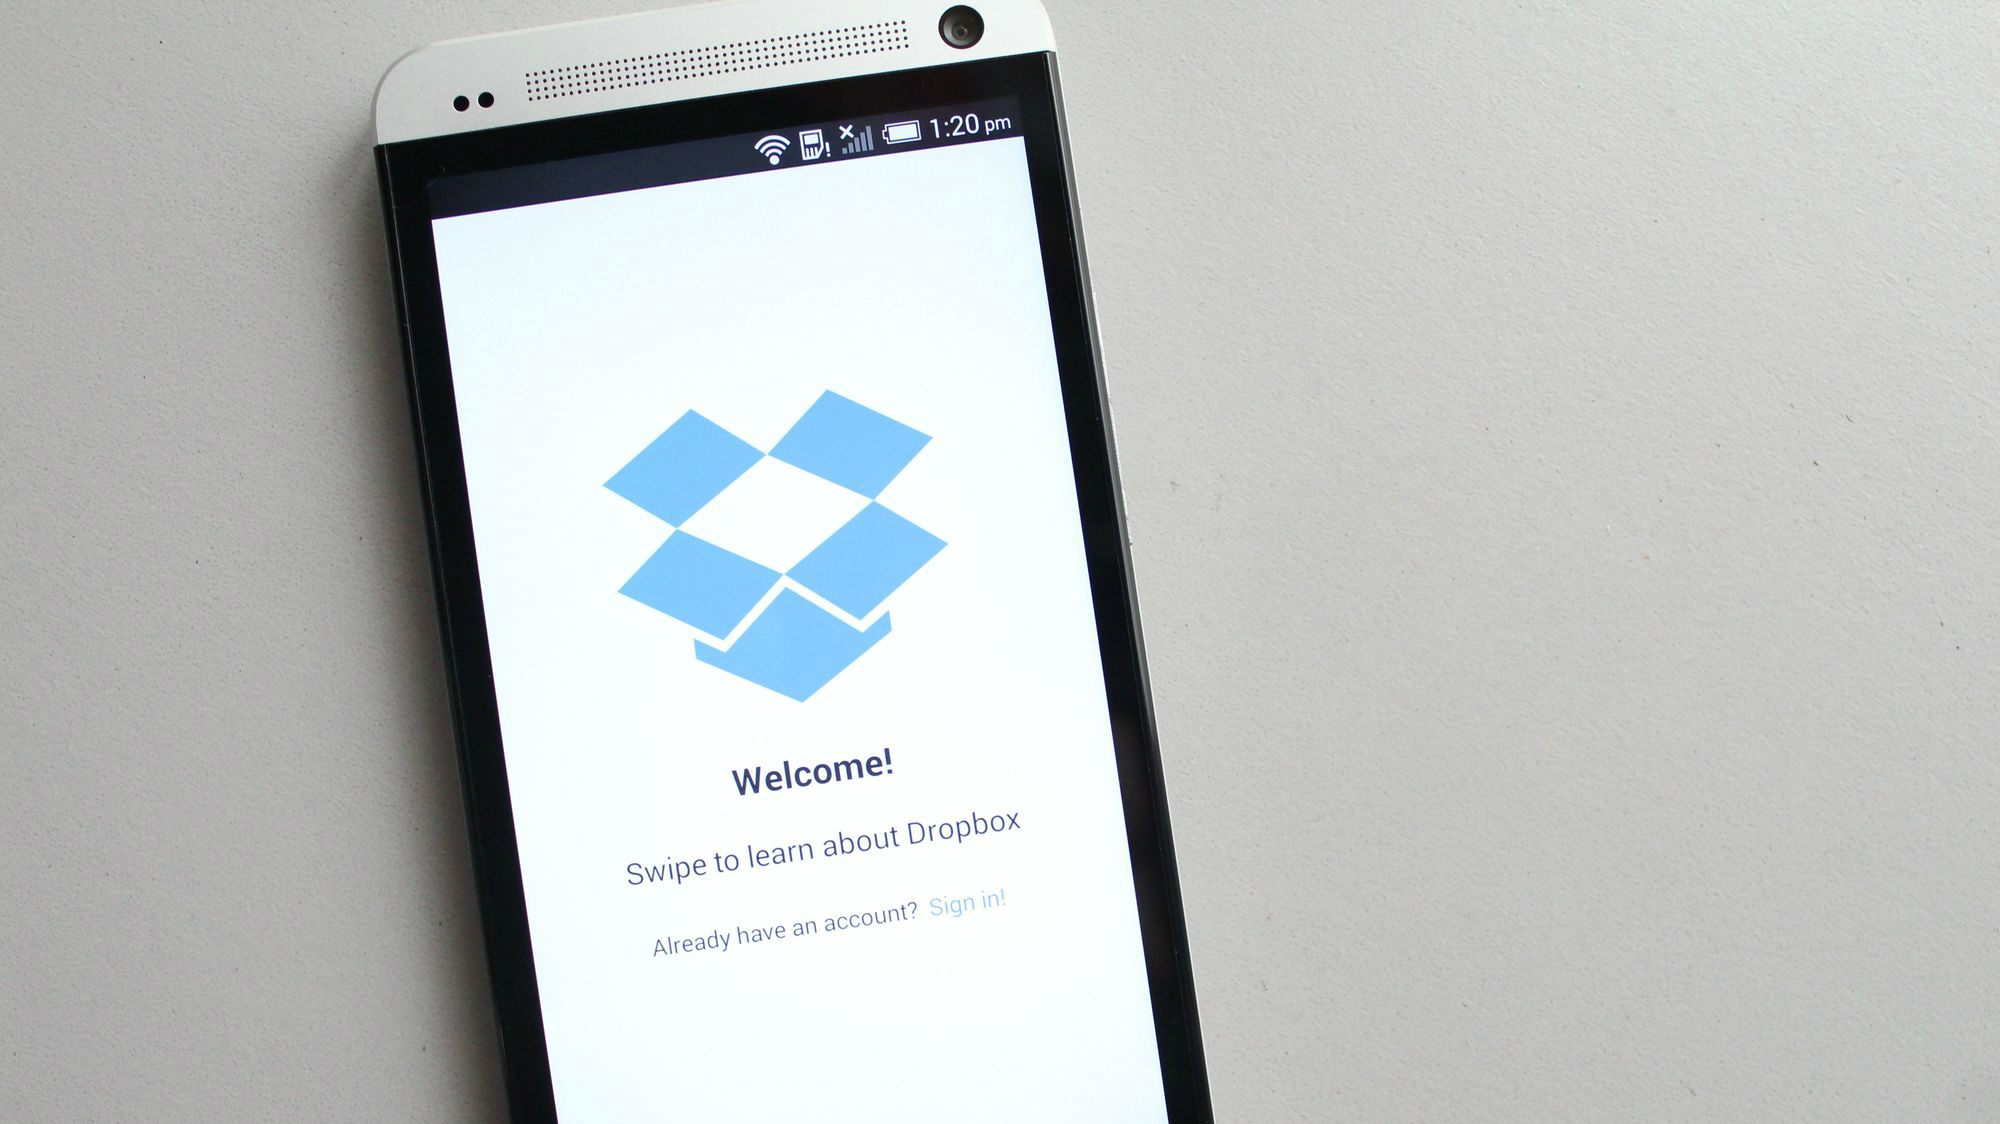 cele mai bune aplicații android dropbox 22